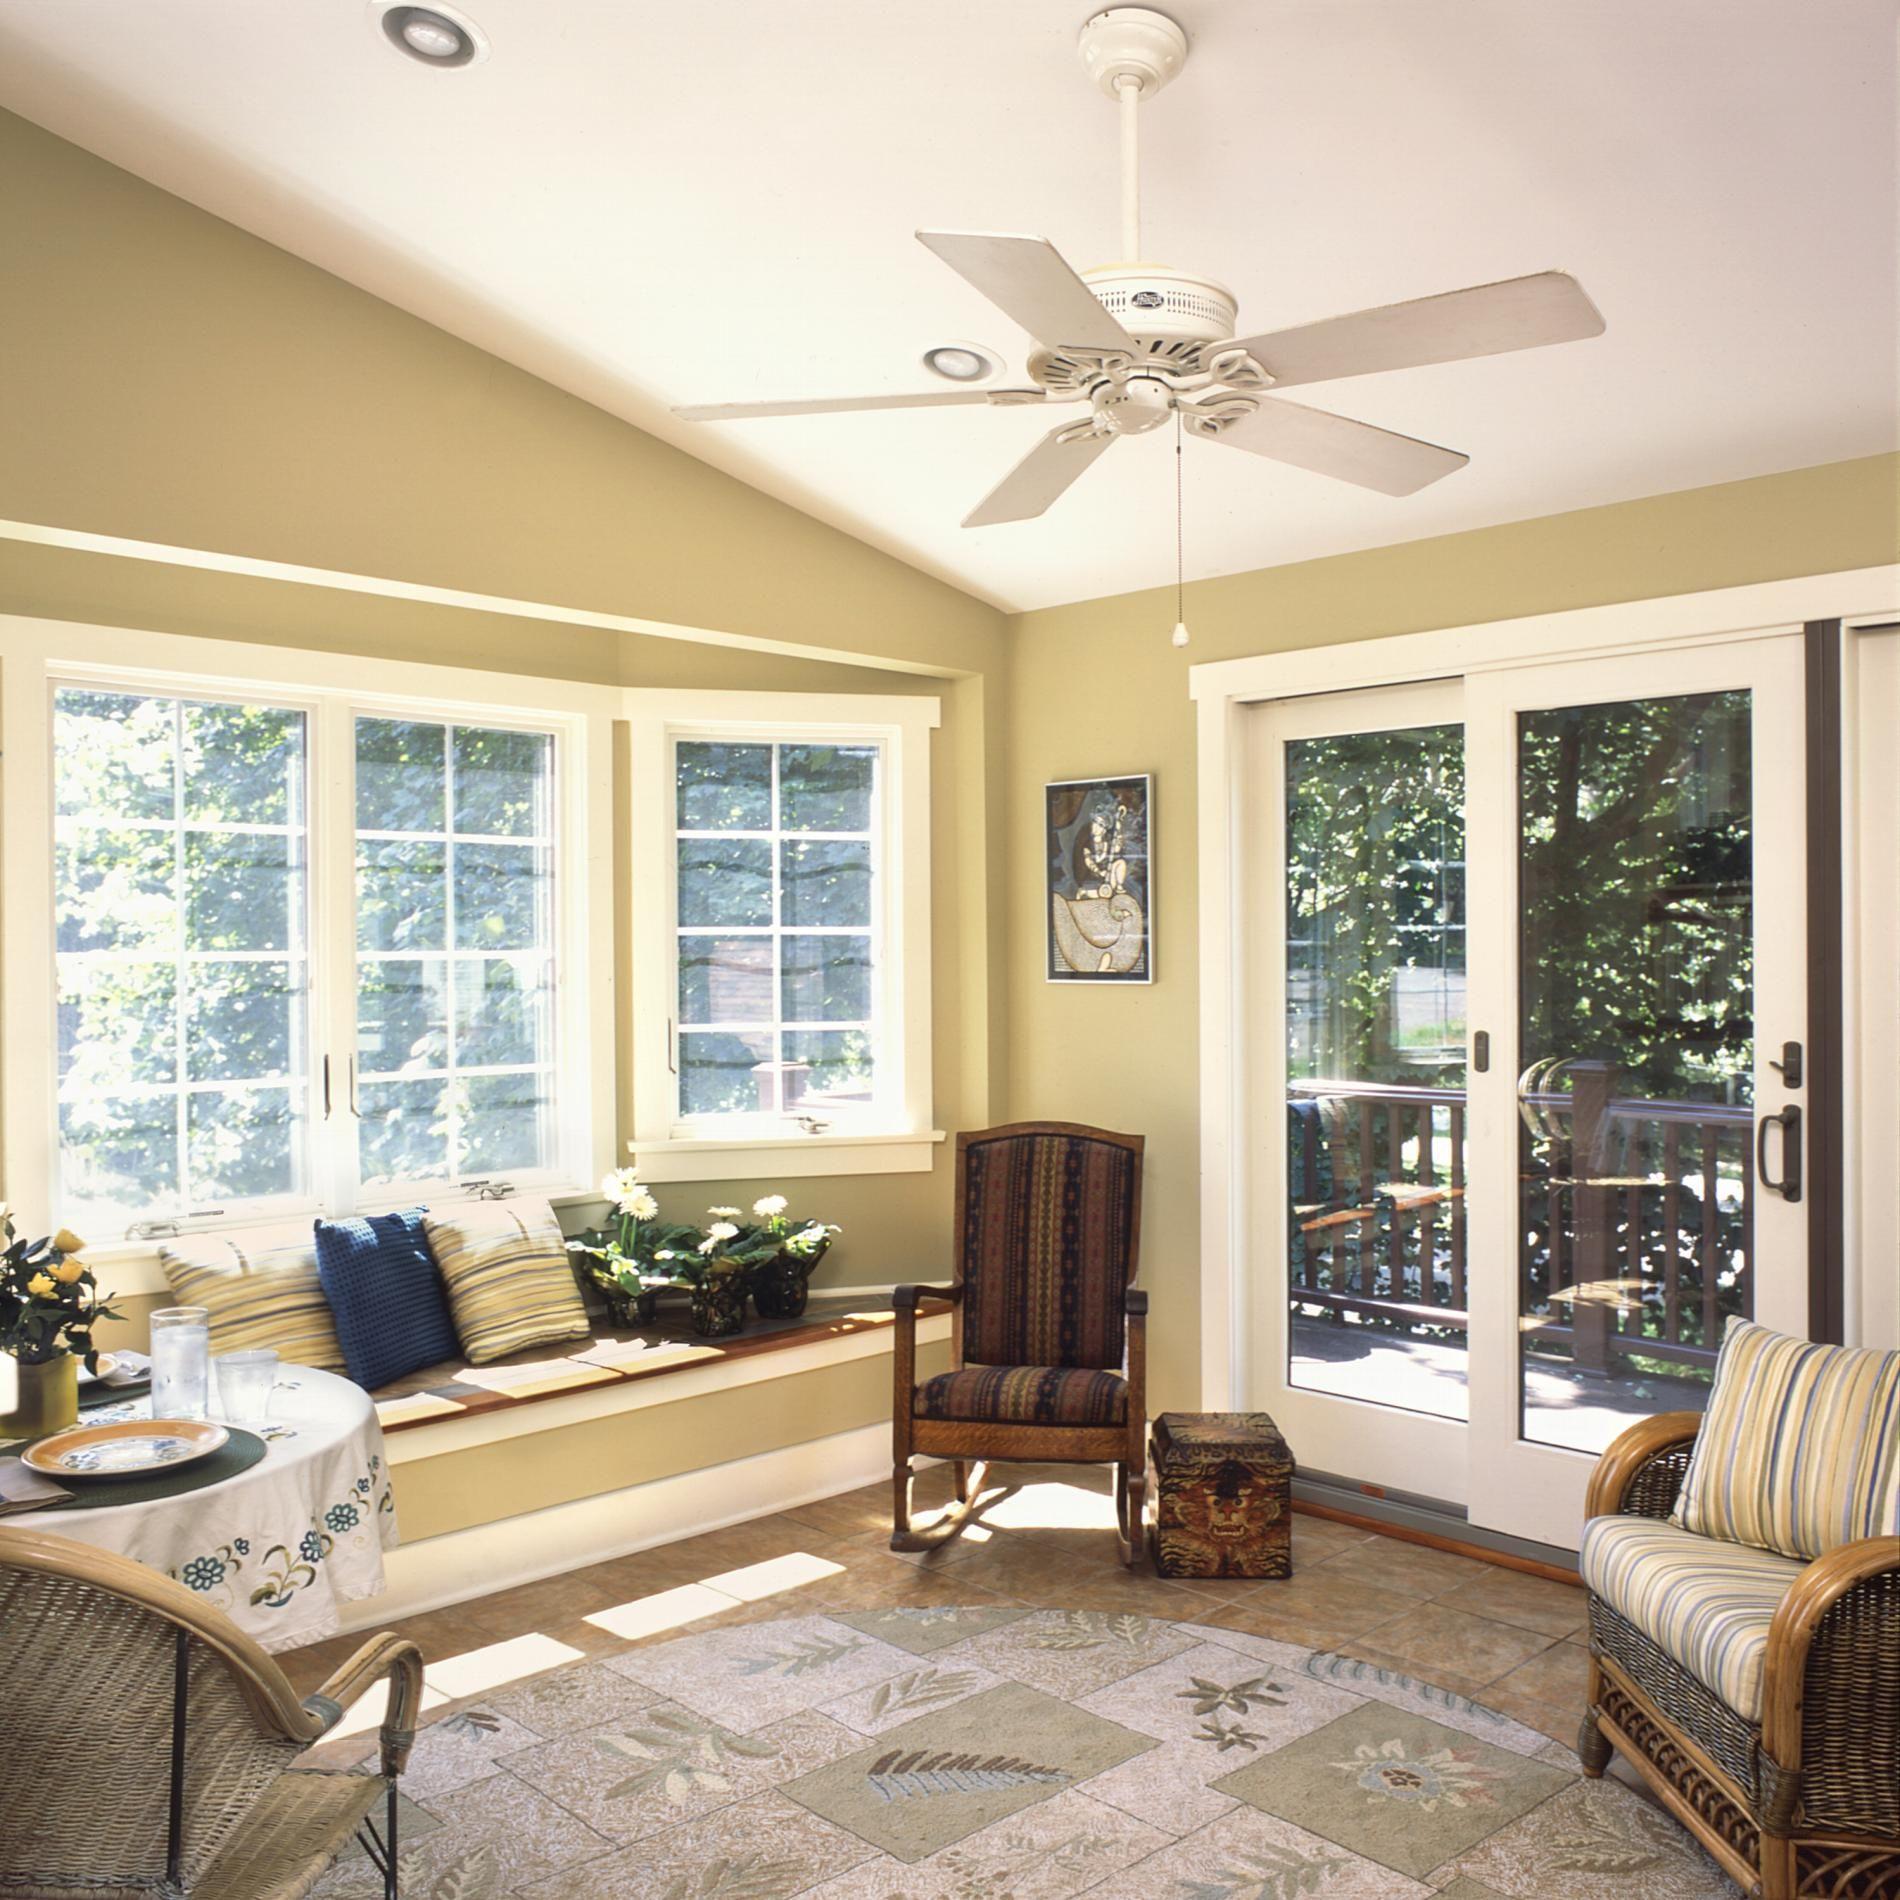 Top 60 Best Sunroom Ideas – Bright Glassed-In Solarium Designs forecasting